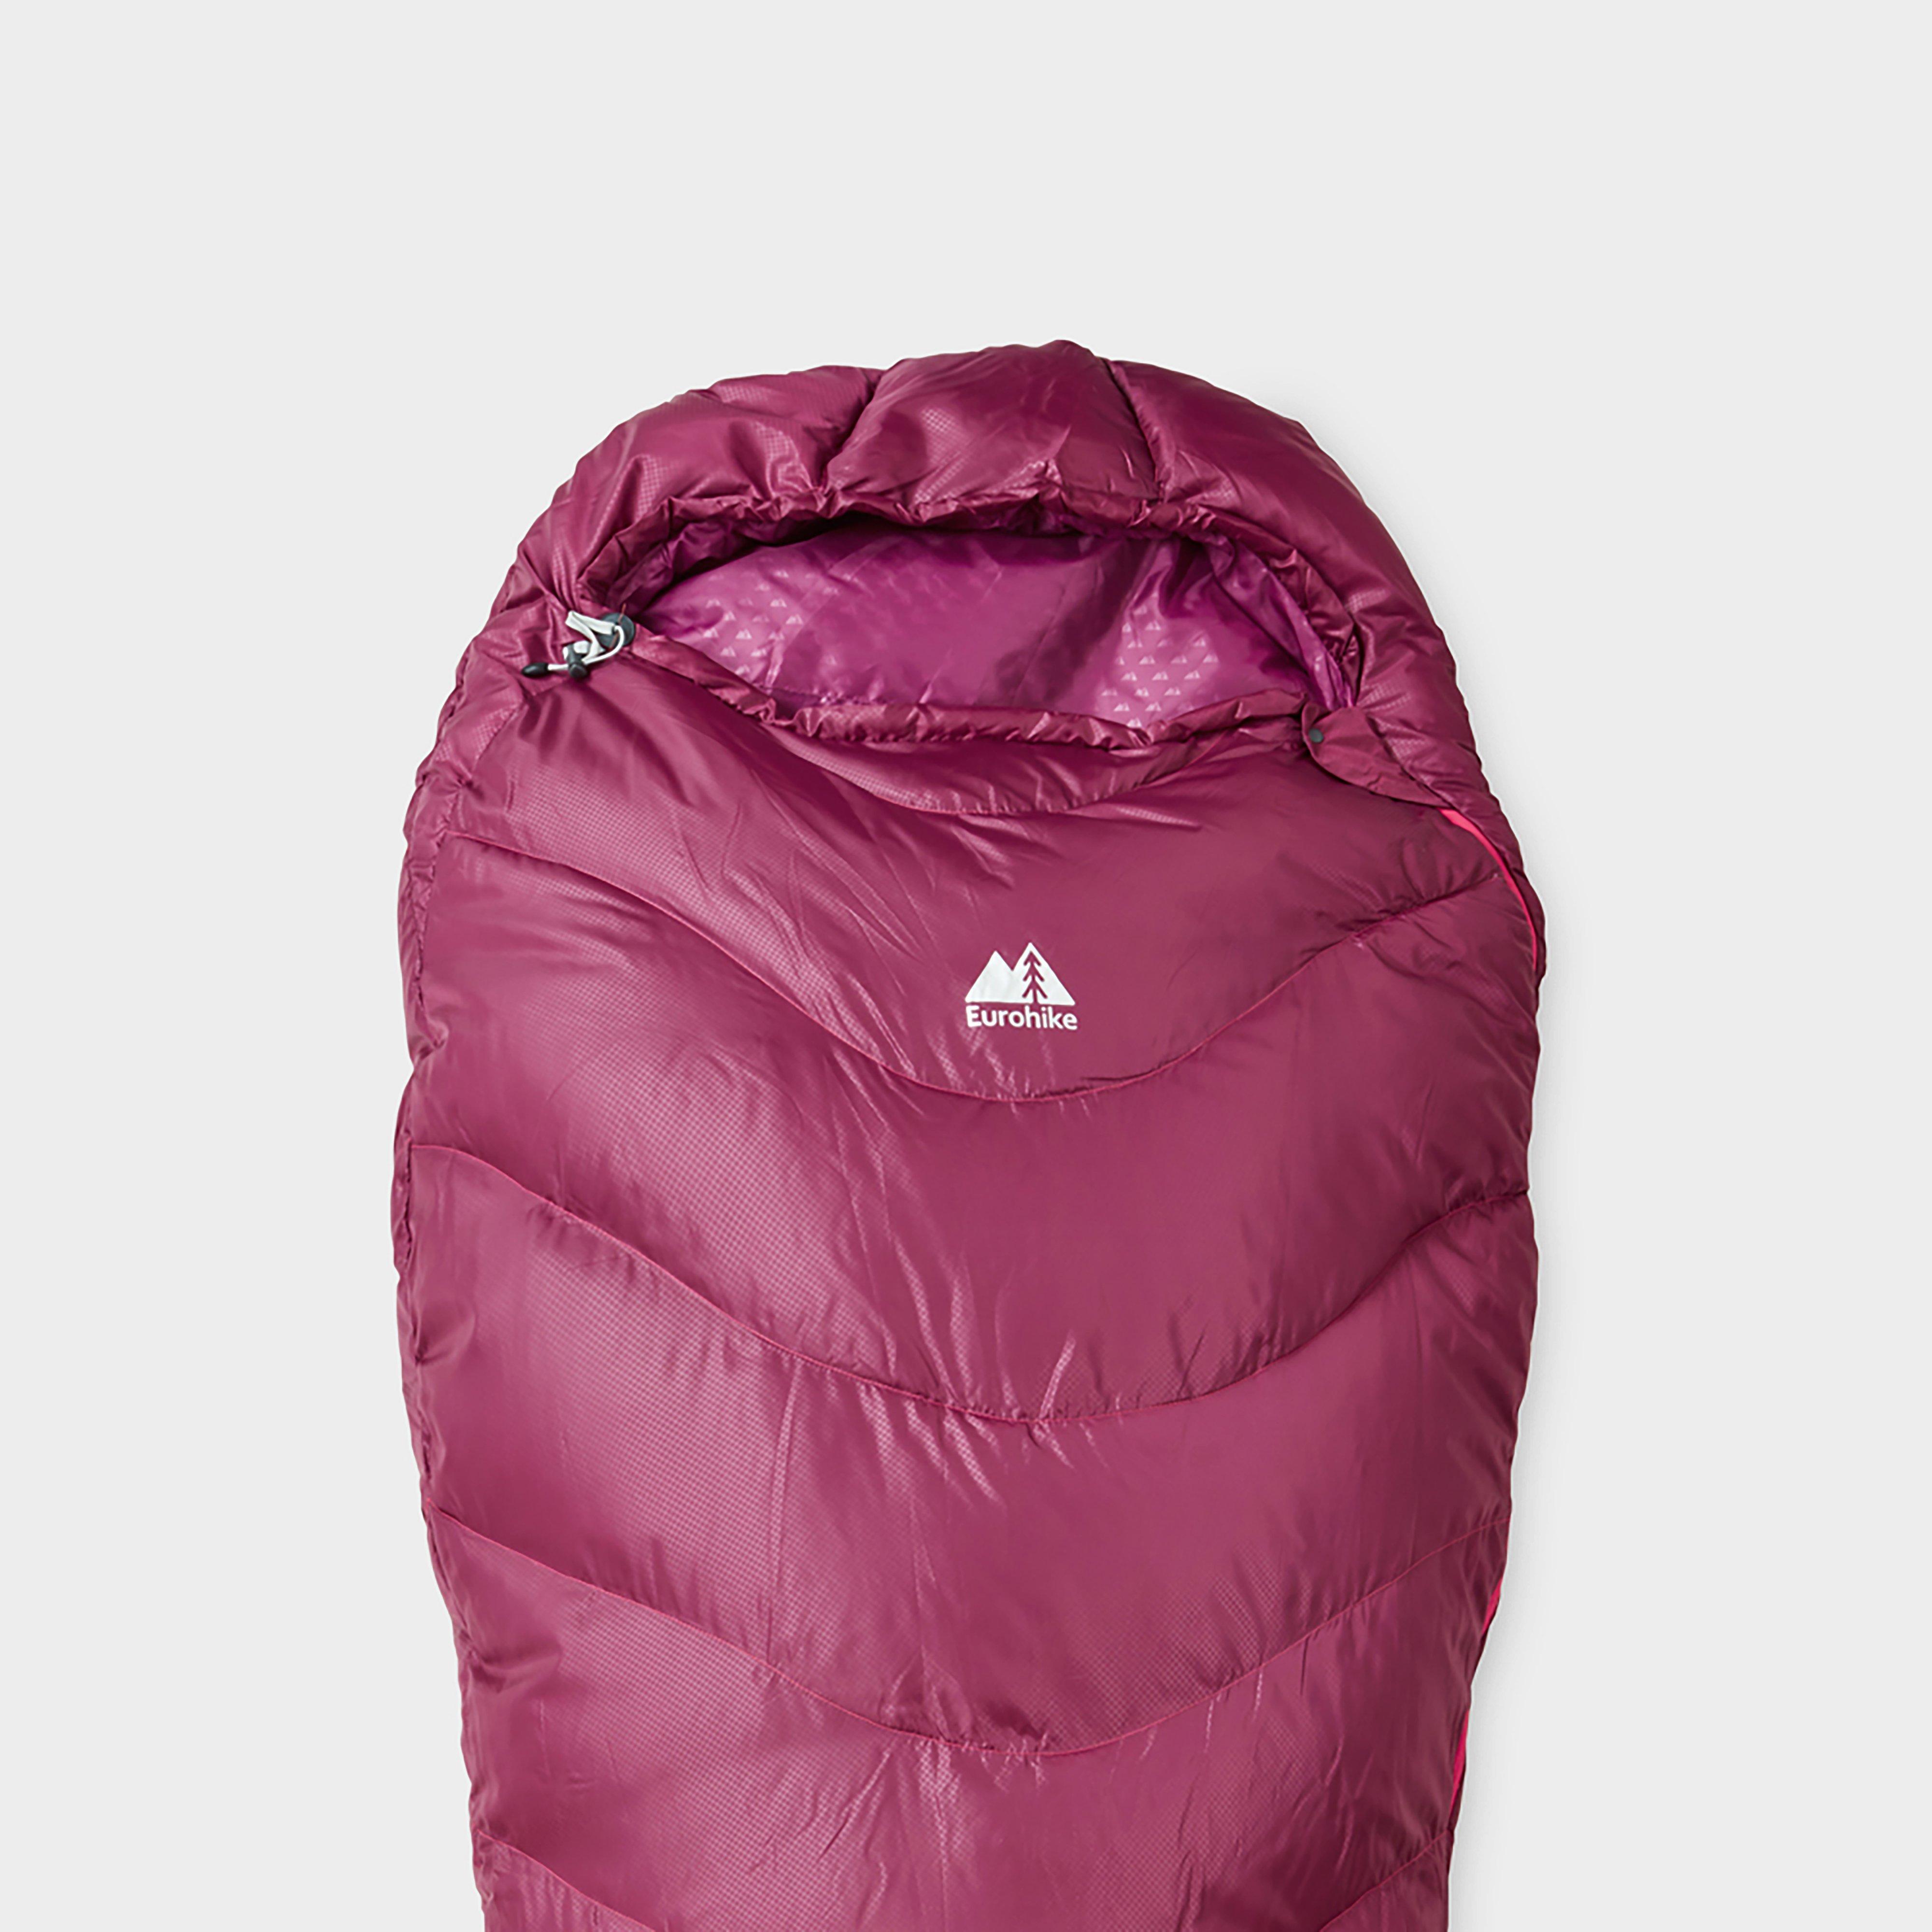 Eurohike Eurohike Womens Adventurer 200 Sleeping Bag - Purple, Purple